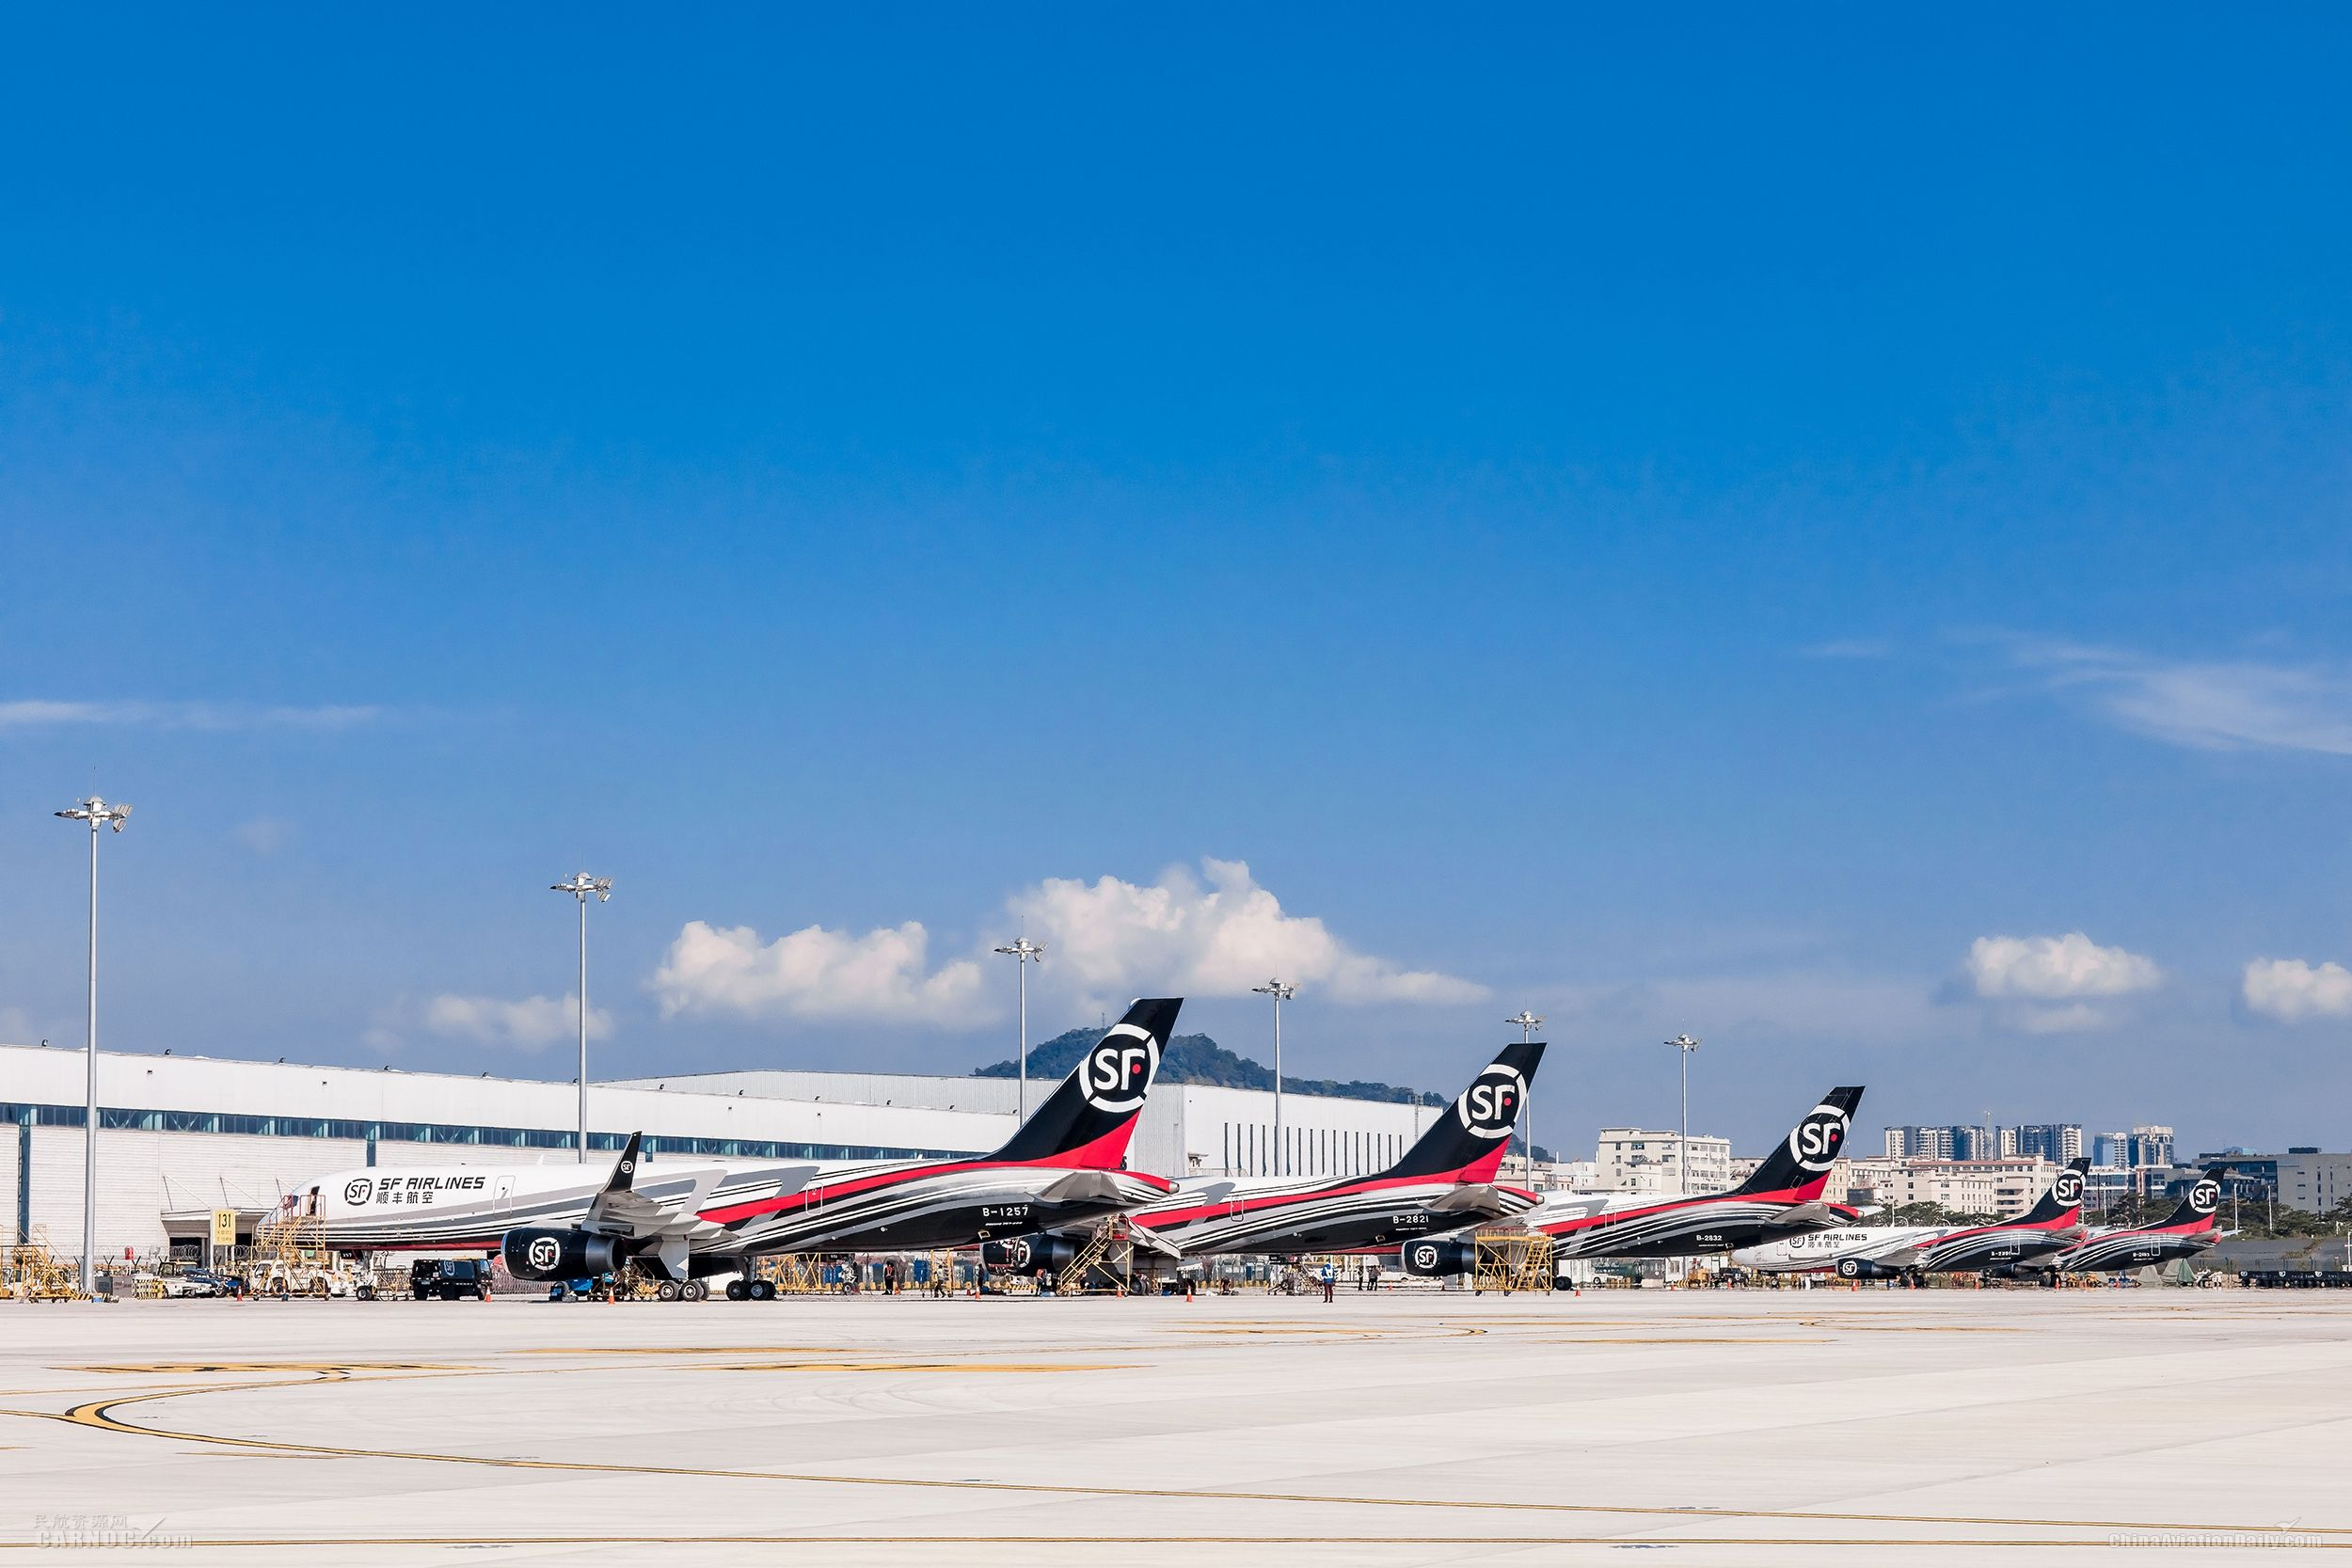 顺丰航空获得美国批准 可开通飞美货运航线